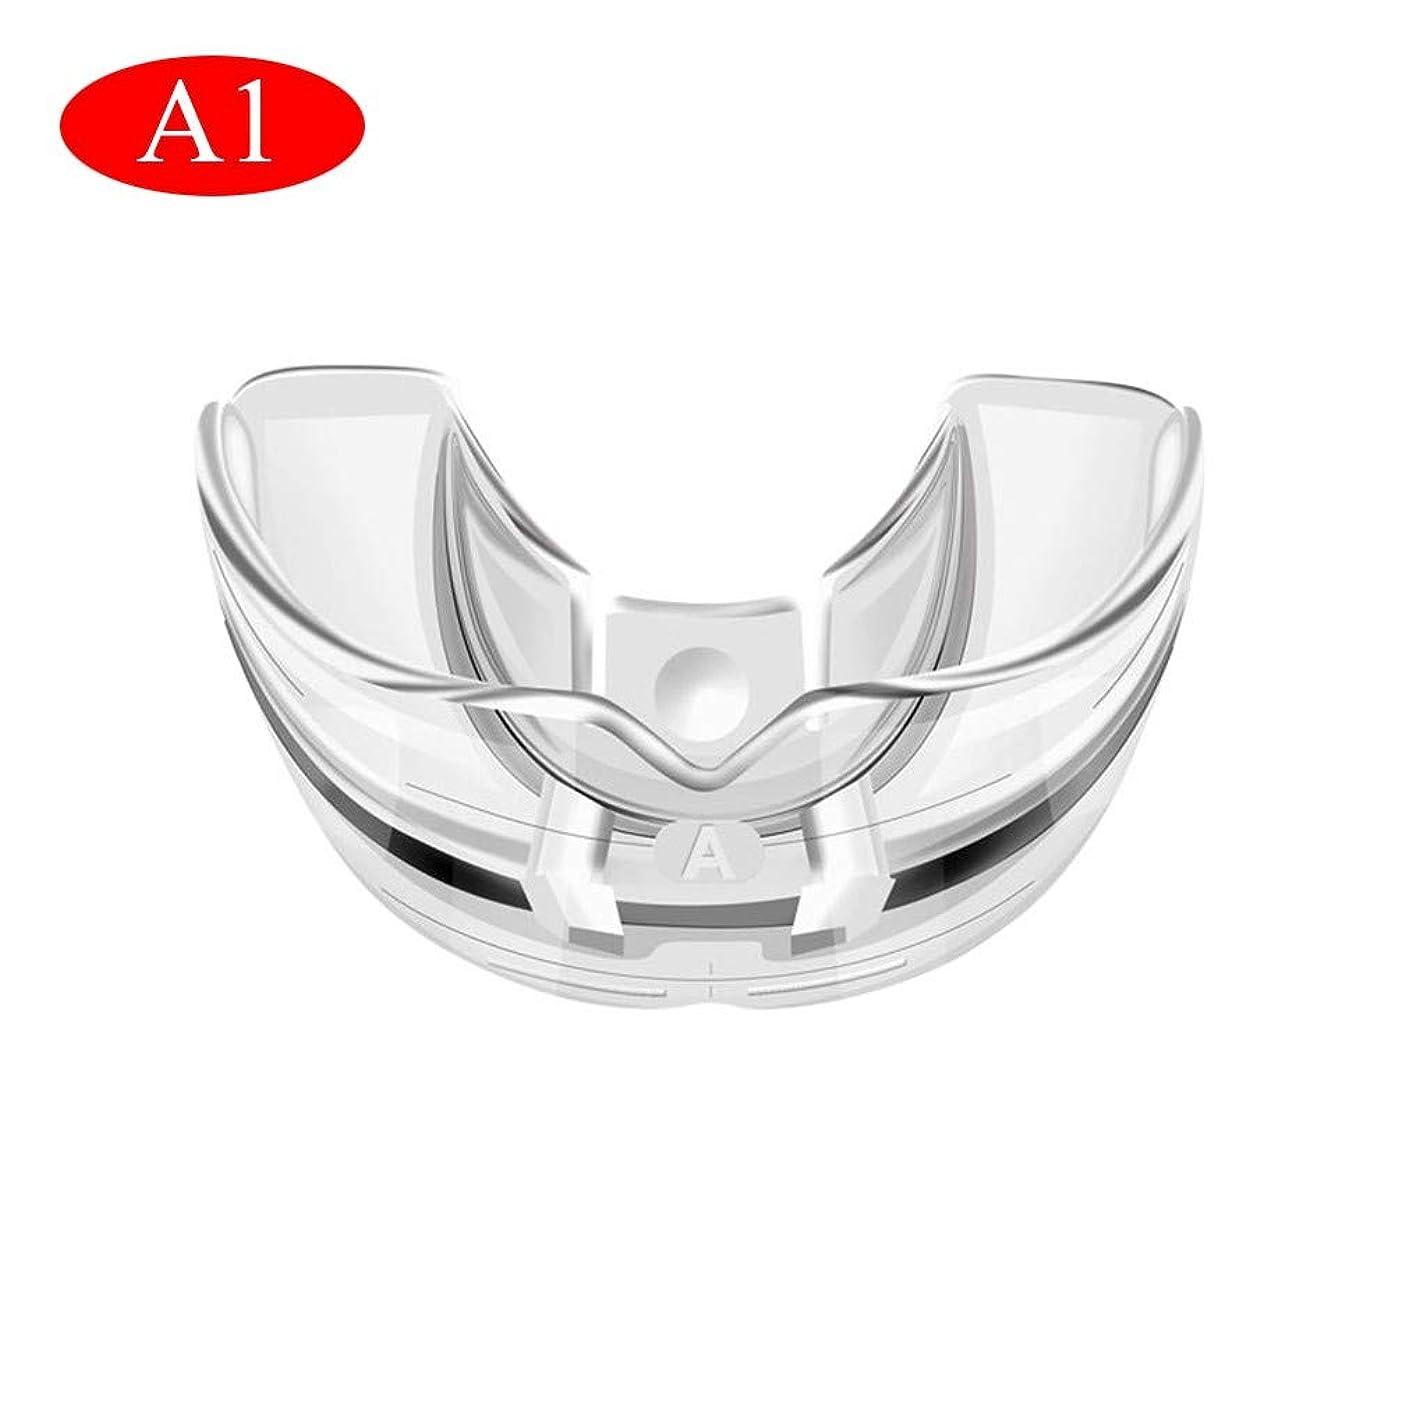 レクリエーション人生を作る支出歯列矯正器具、歯の状態に応じた3段階/透明で柔らかい、そして硬い歯科用マウスガード歯列矯正器具(透明)